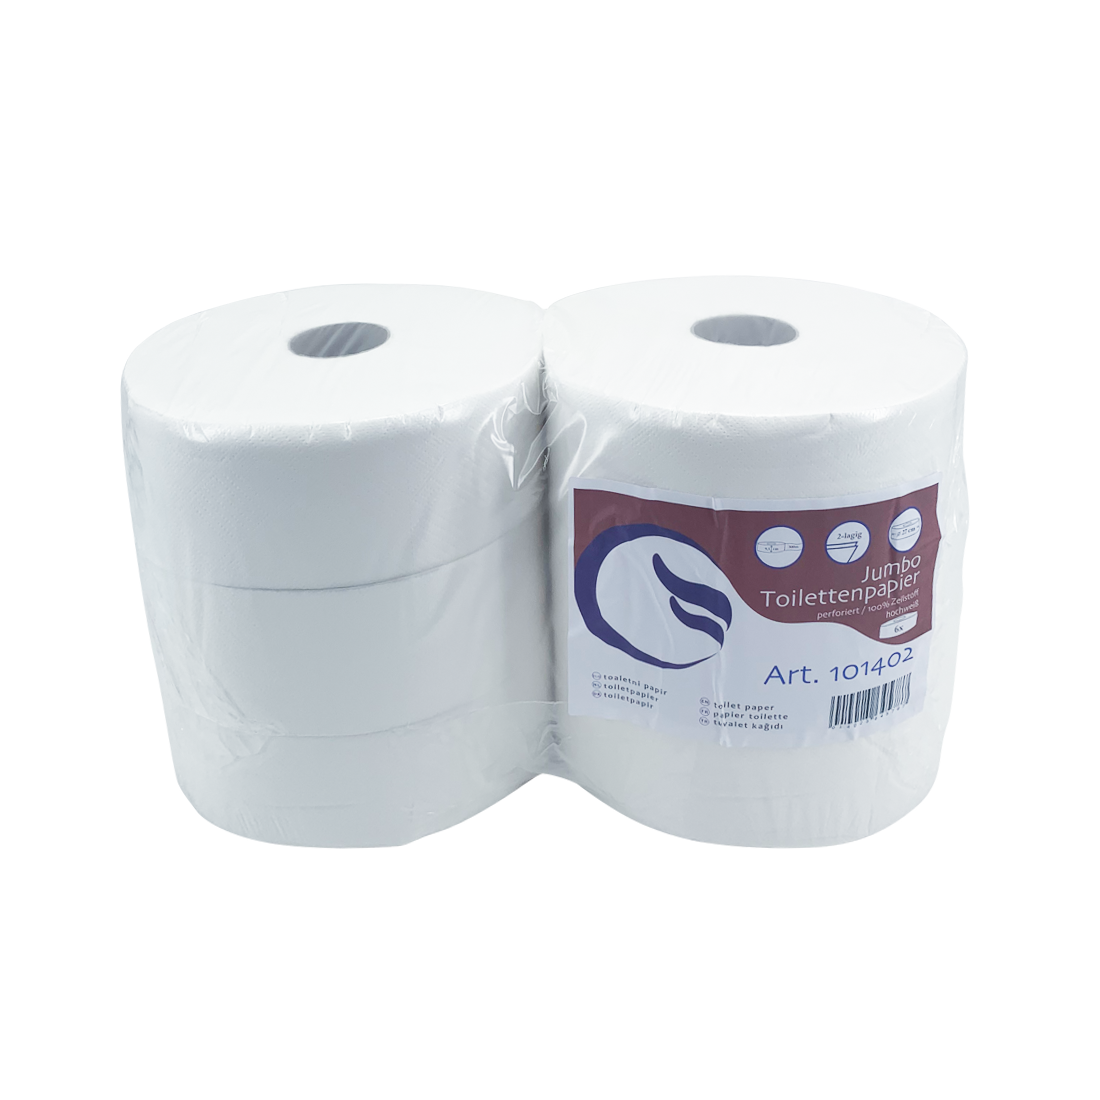 Toilettenpapier, Jumborolle, 2-lagig, maxi, reiner Zellstoff, 6 Rollen/Karton, hochweiß, 300 m